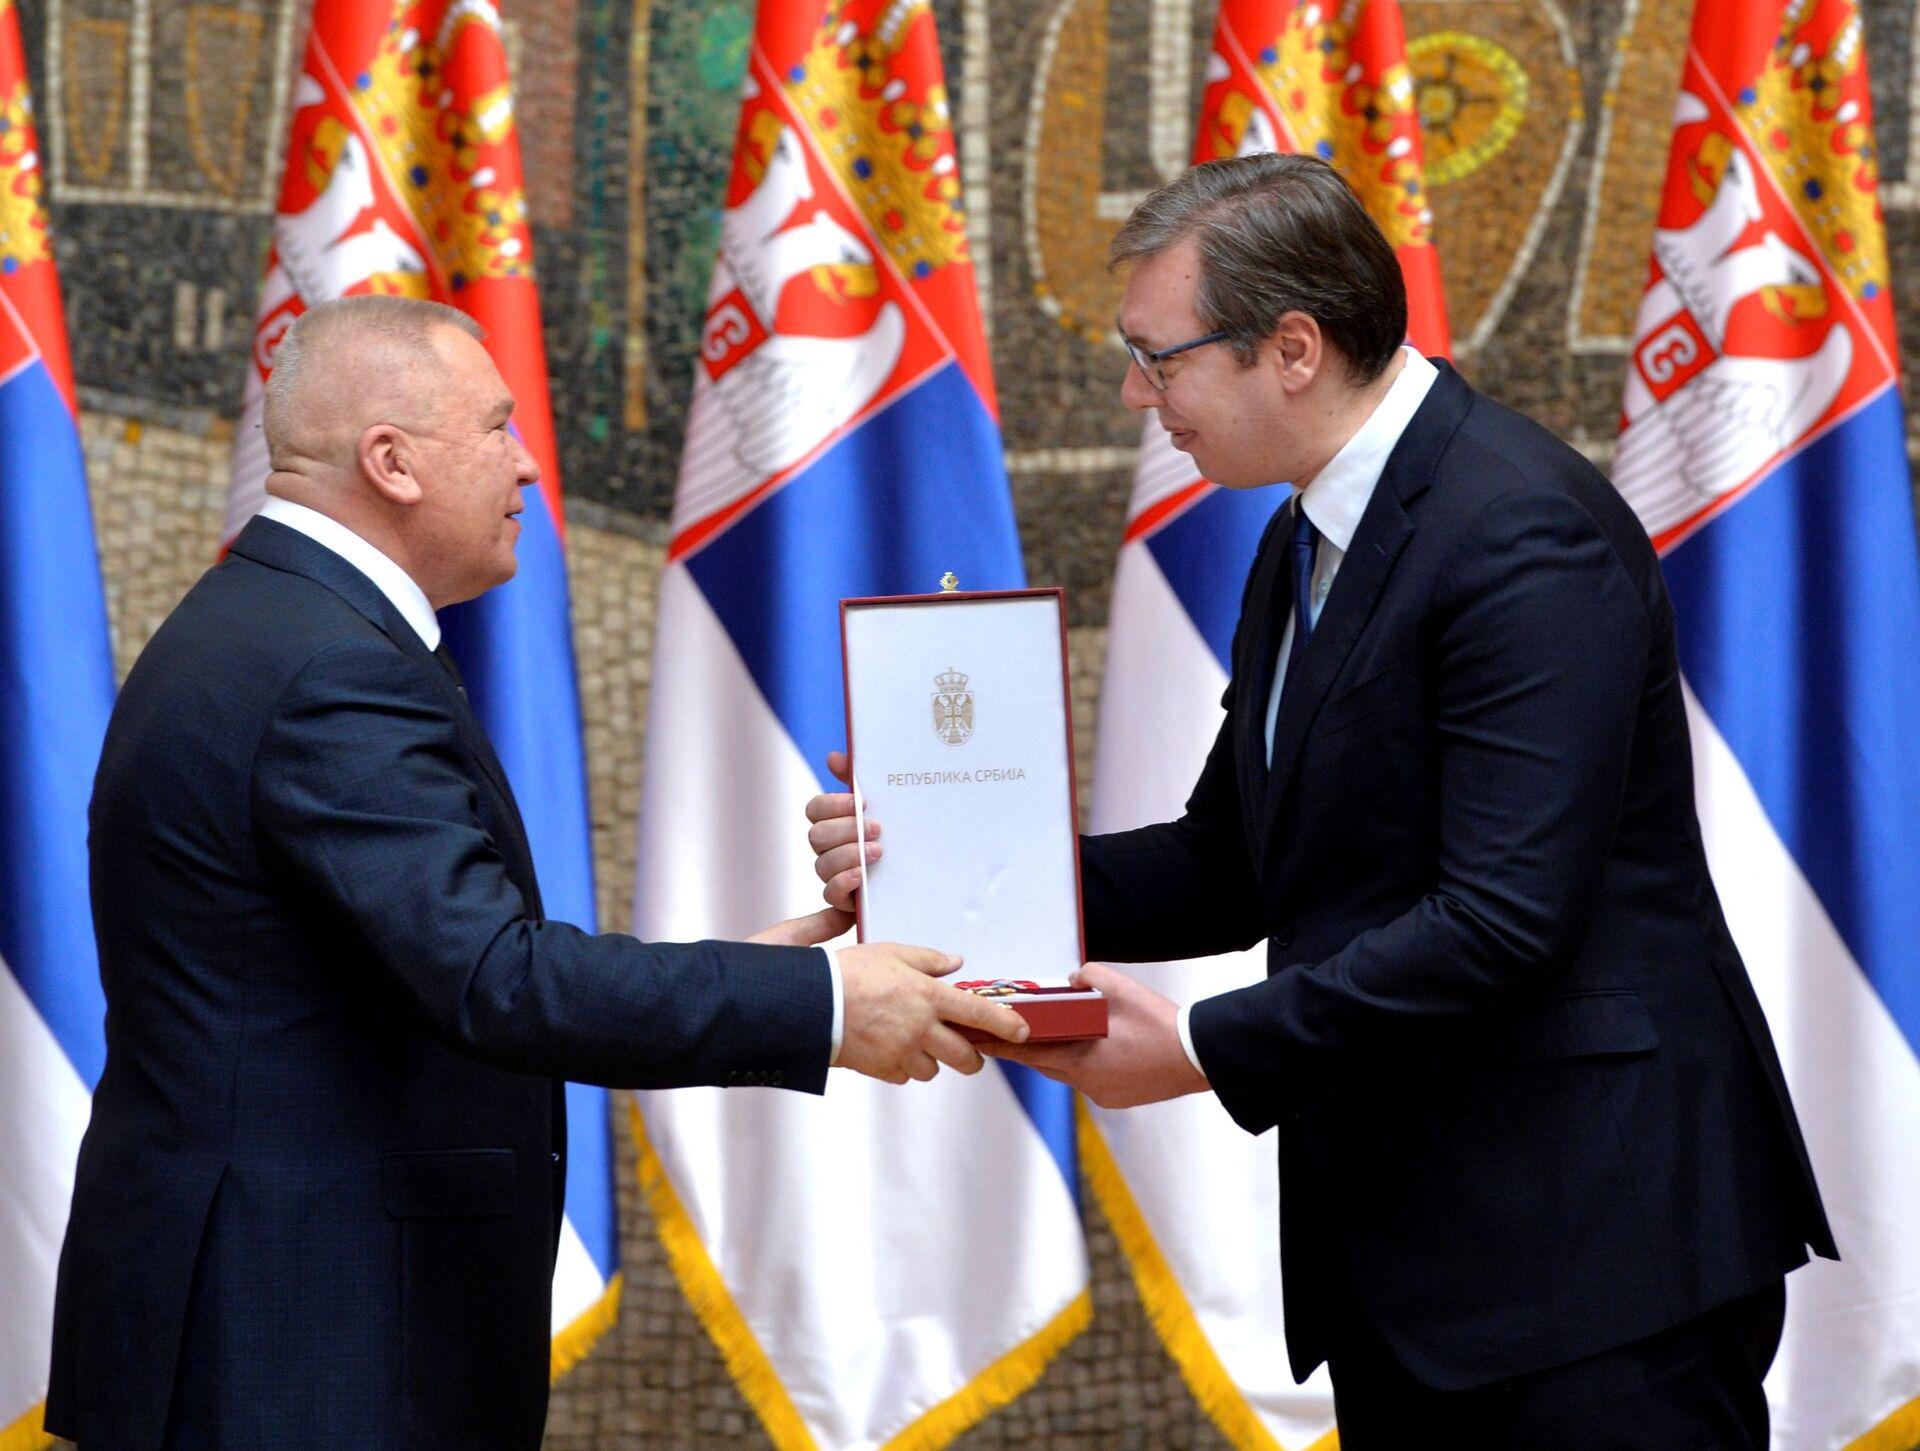 Uručena odlikovanja: Vučić — Sretenje veliki dan za Srbiju /foto/ - Sputnik Srbija, 1920, 15.02.2021